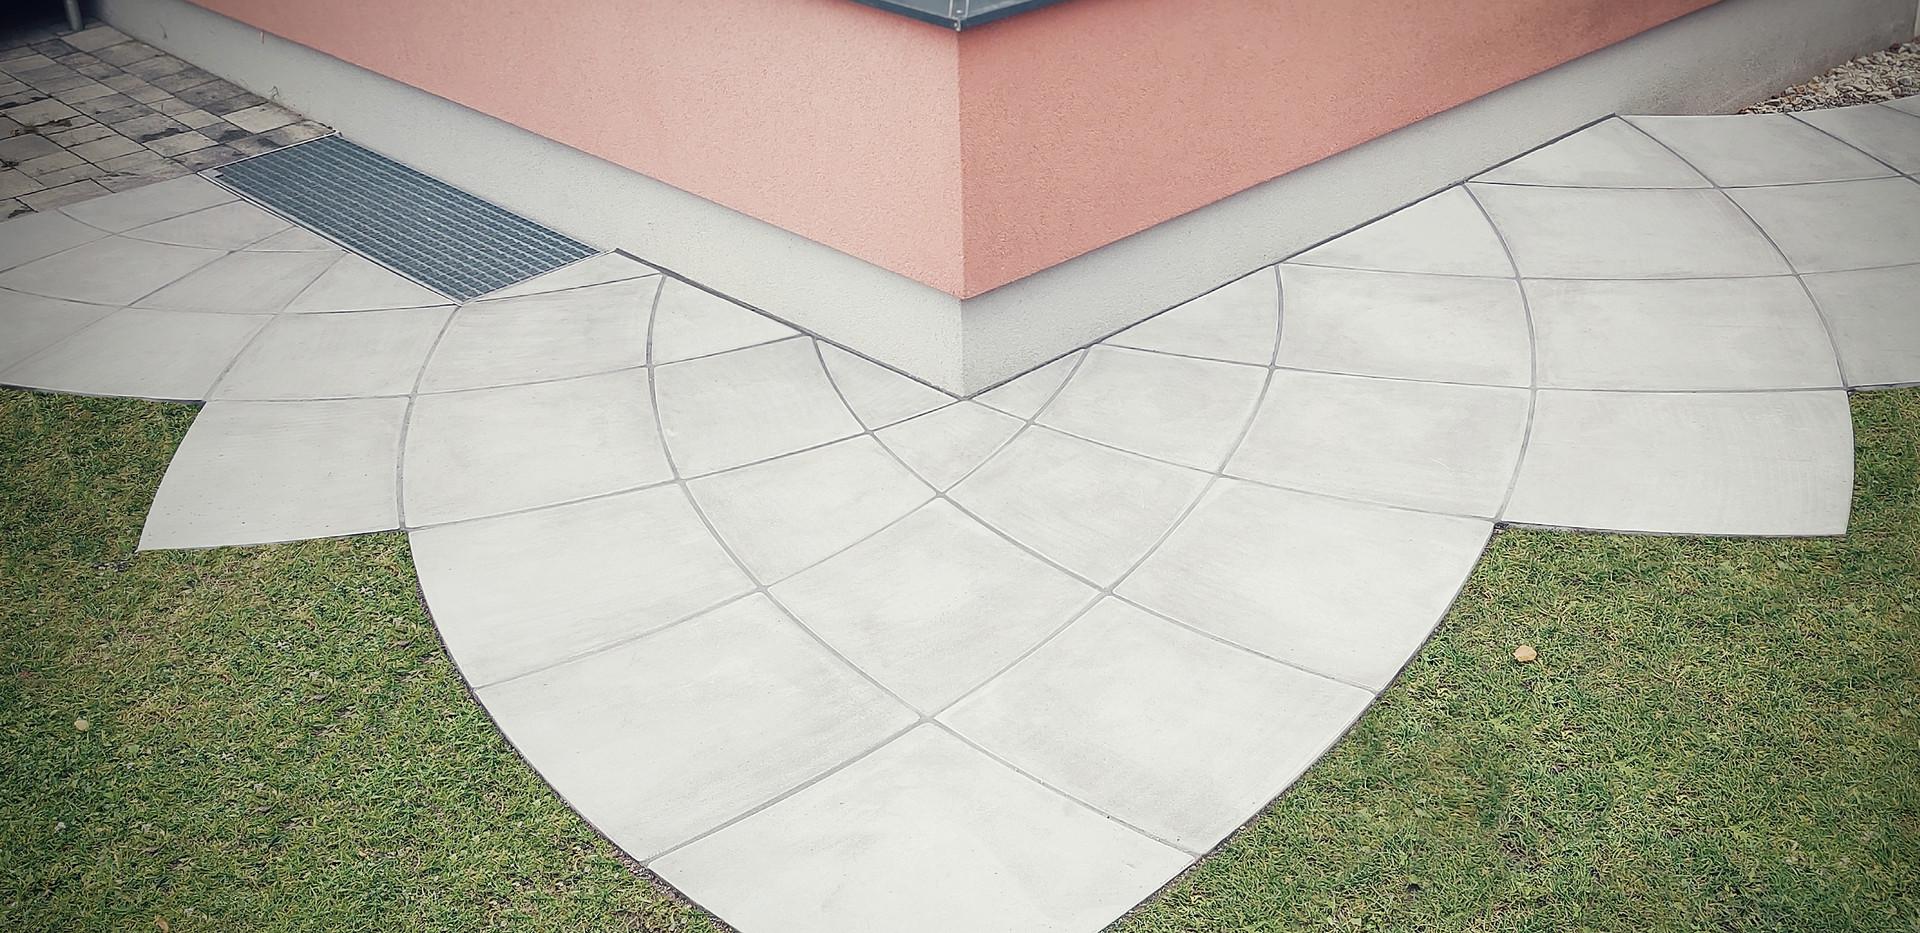 lotus_pattern_1.jpg